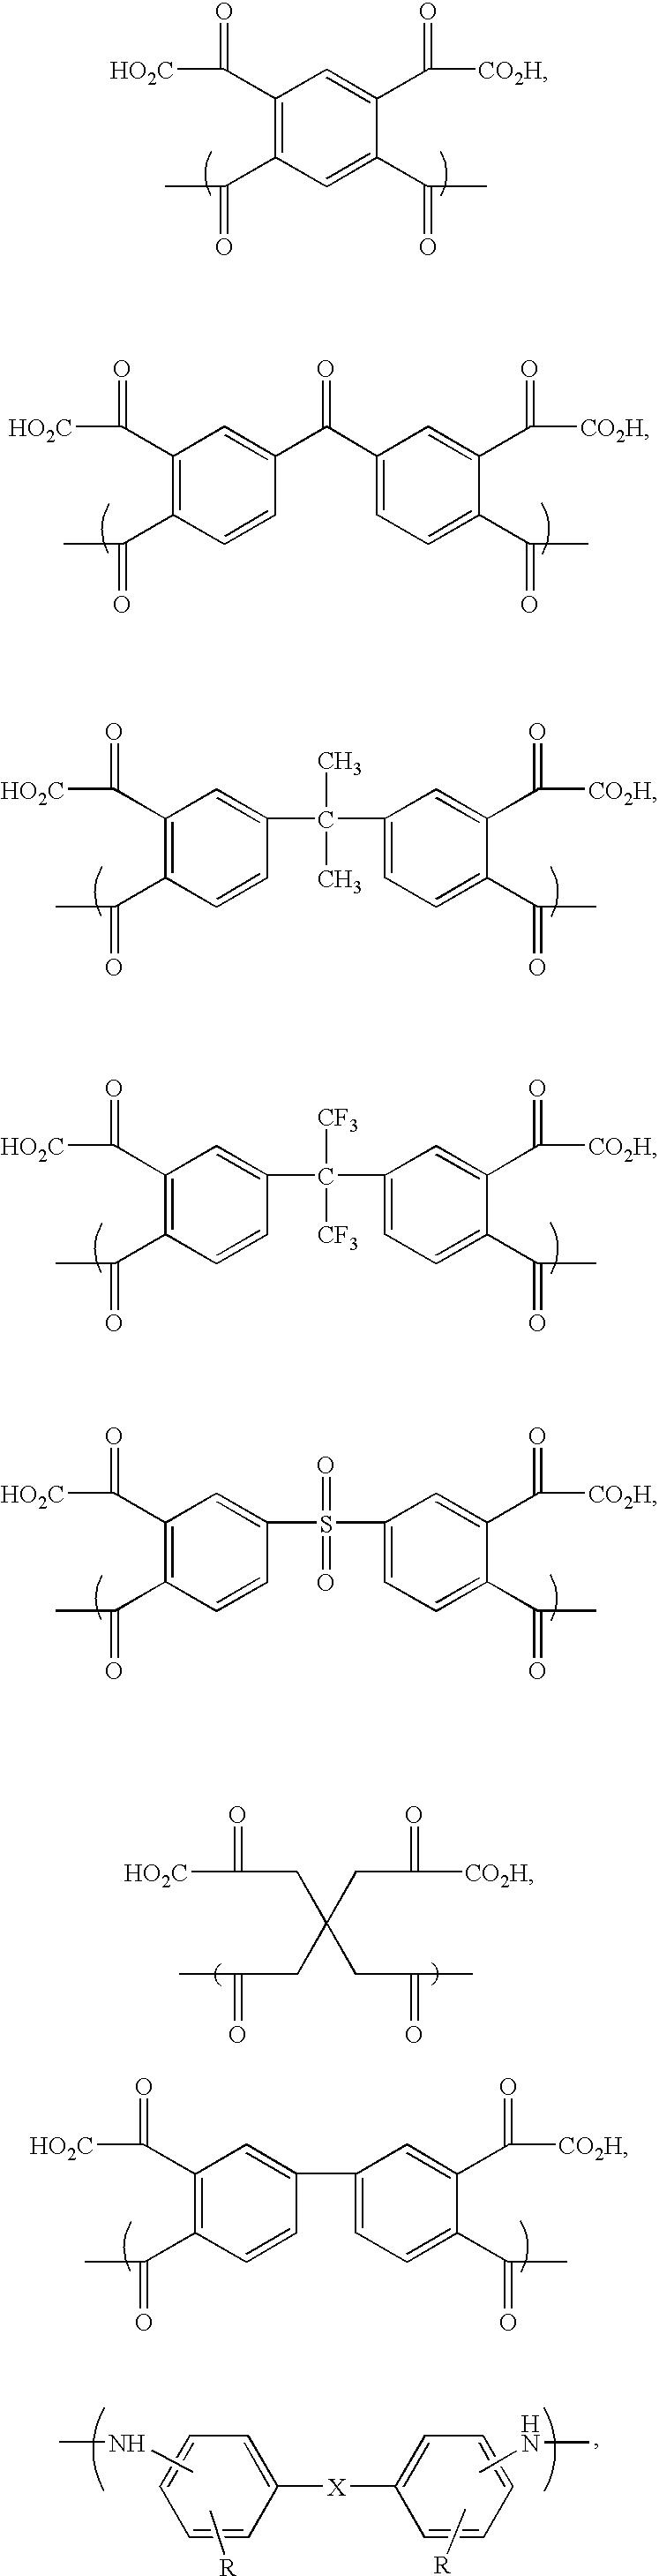 Figure US20050148170A1-20050707-C00004